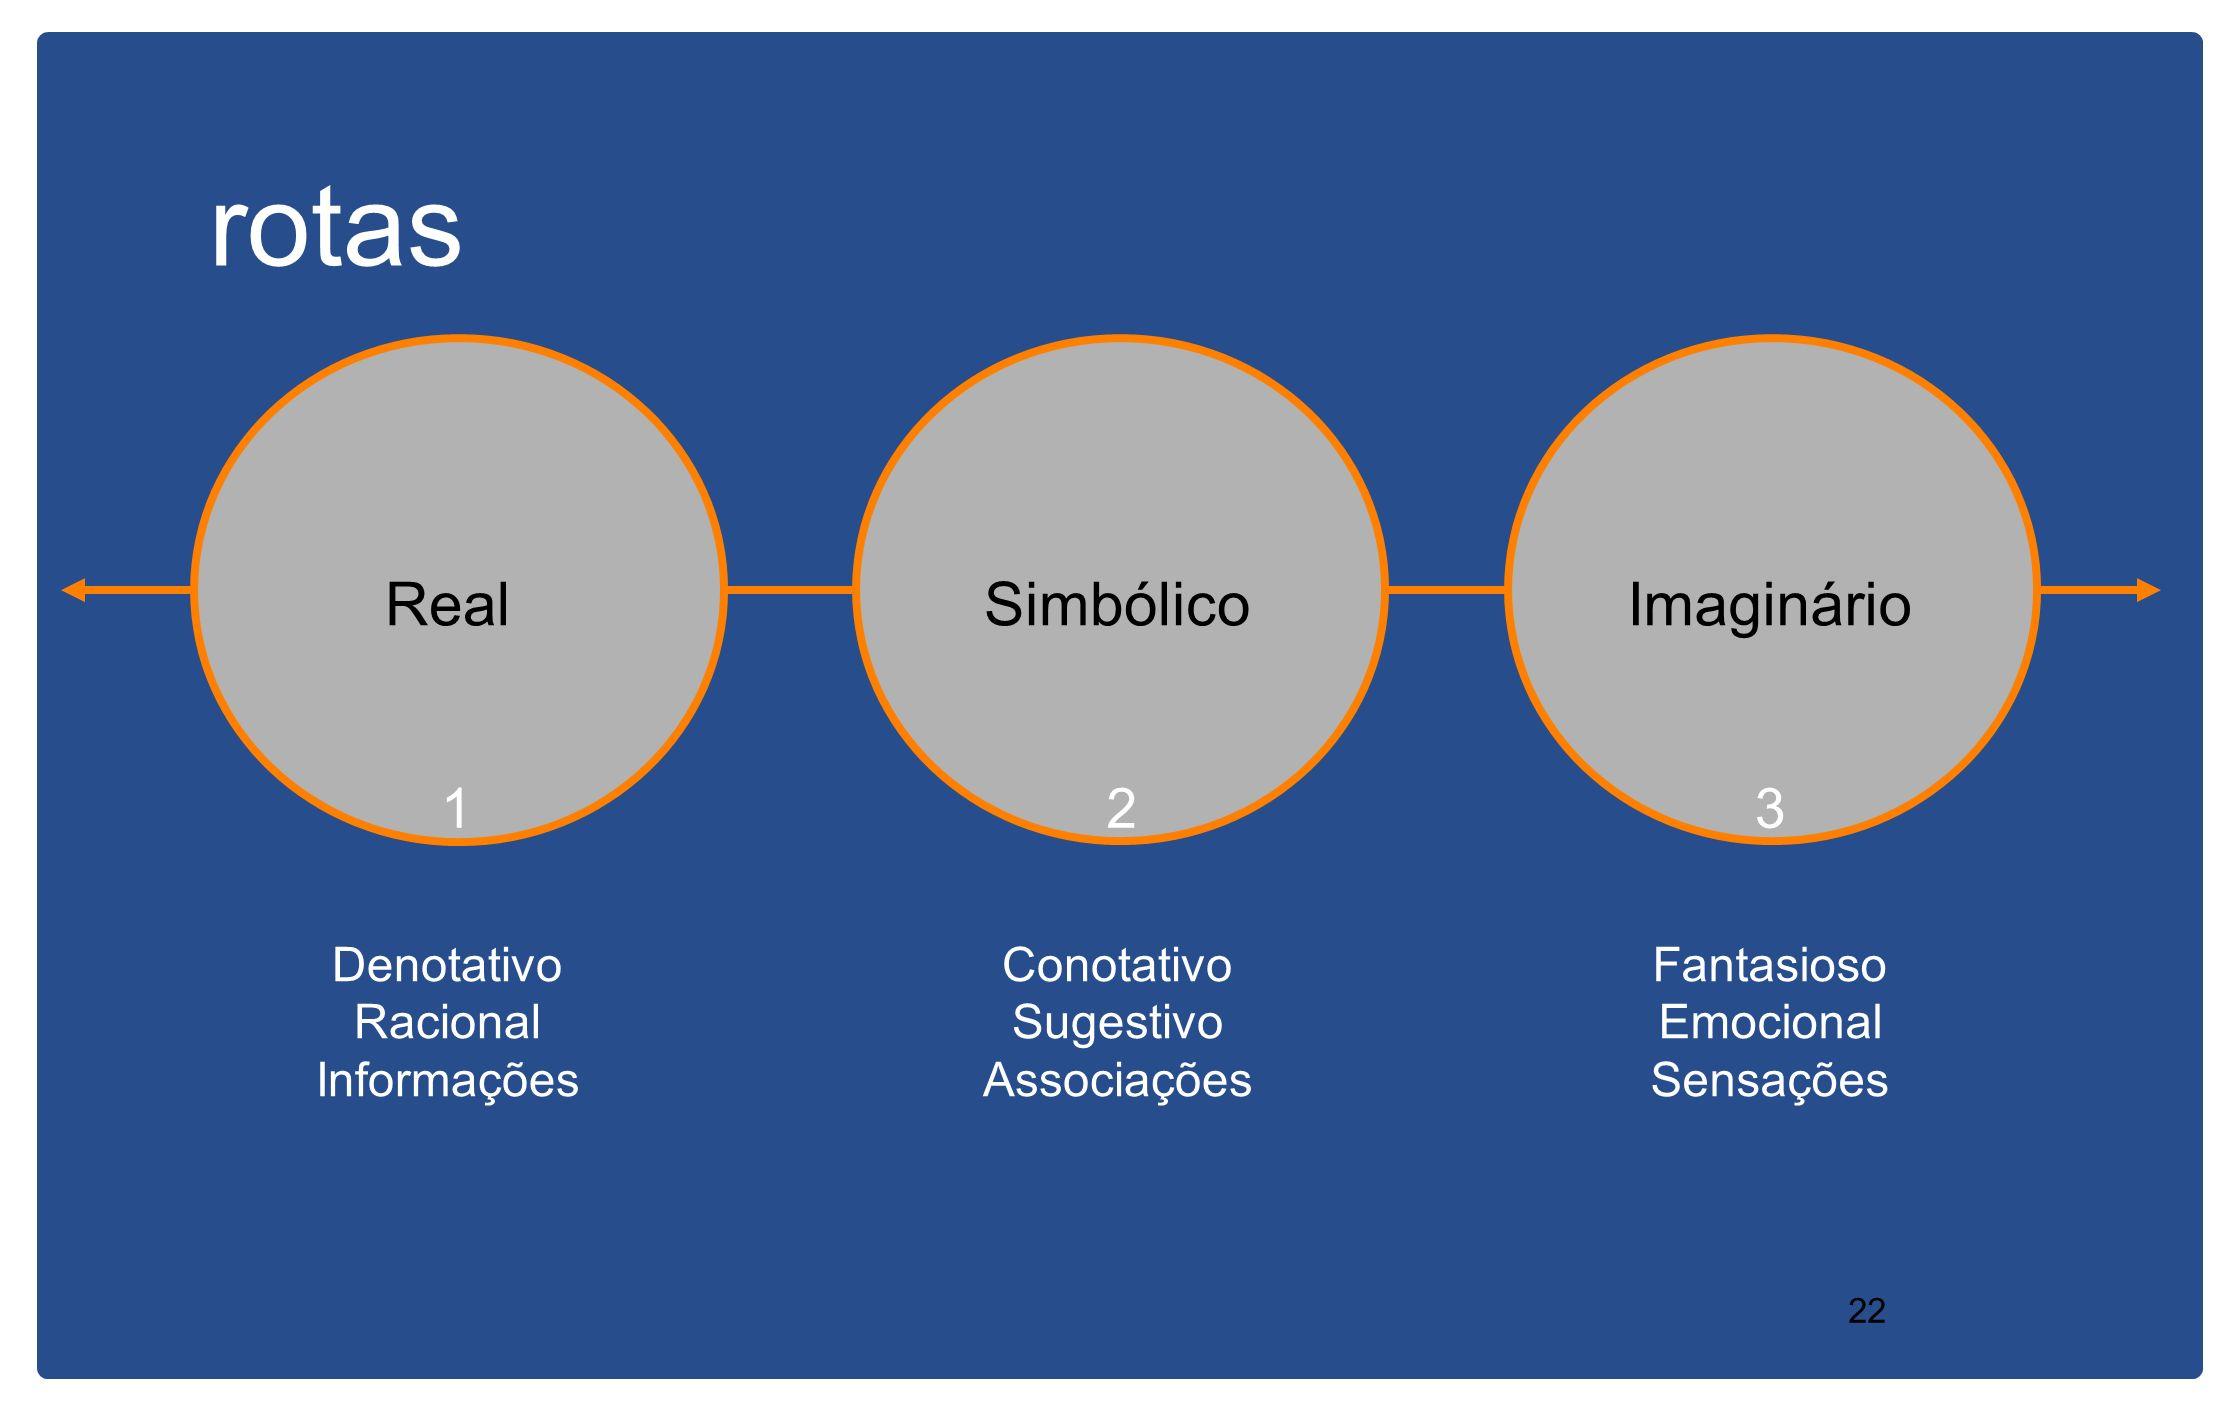 rotas Real Simbólico Imaginário 1 2 3 Denotativo Racional Informações